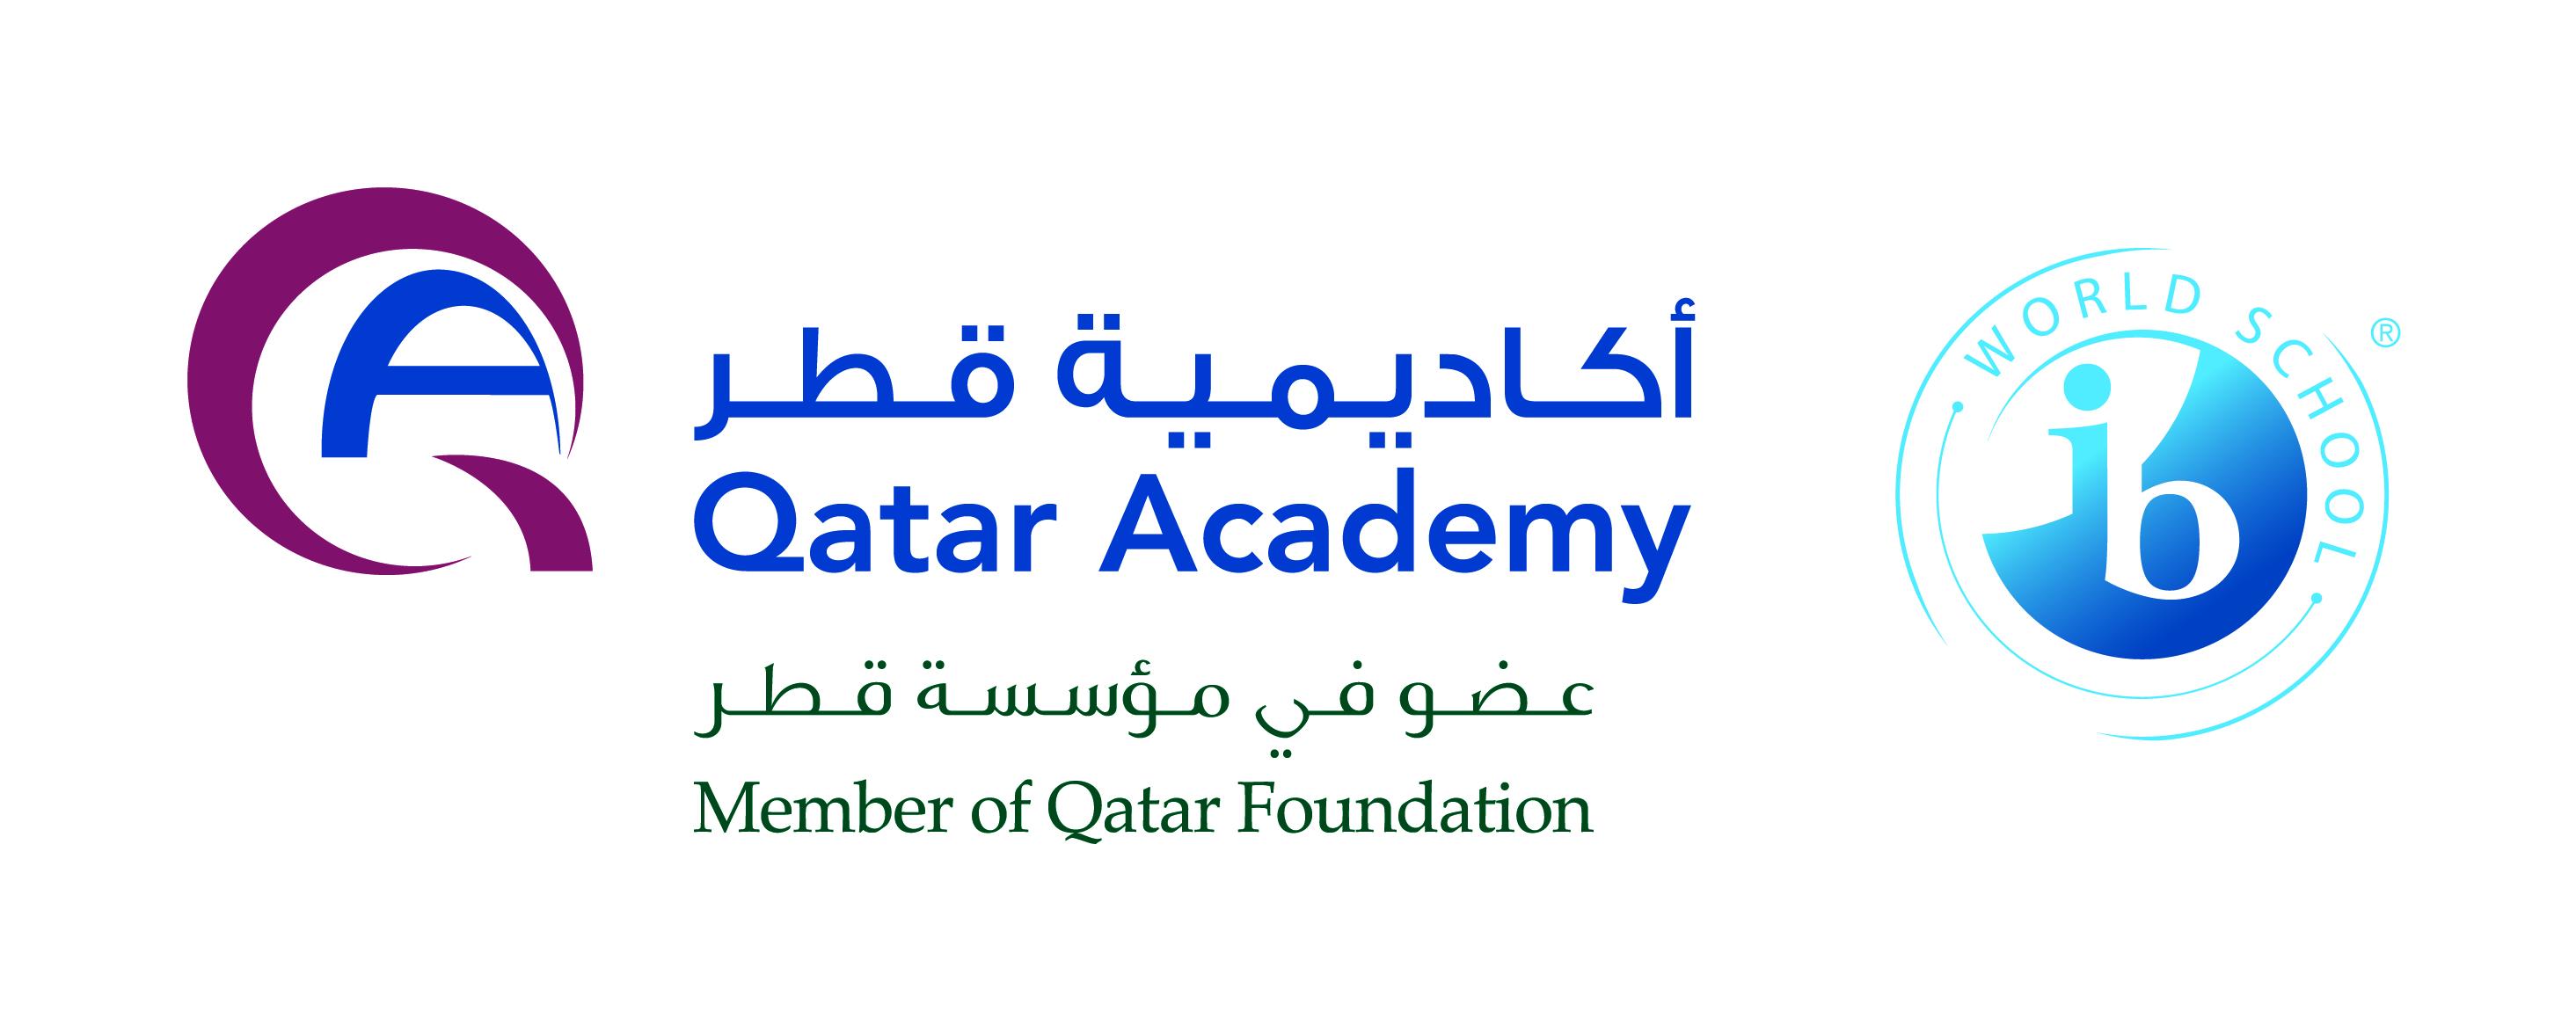 Qatar Academy_CobrandedLogo_80-20_Bilingual_CMYK.jpg